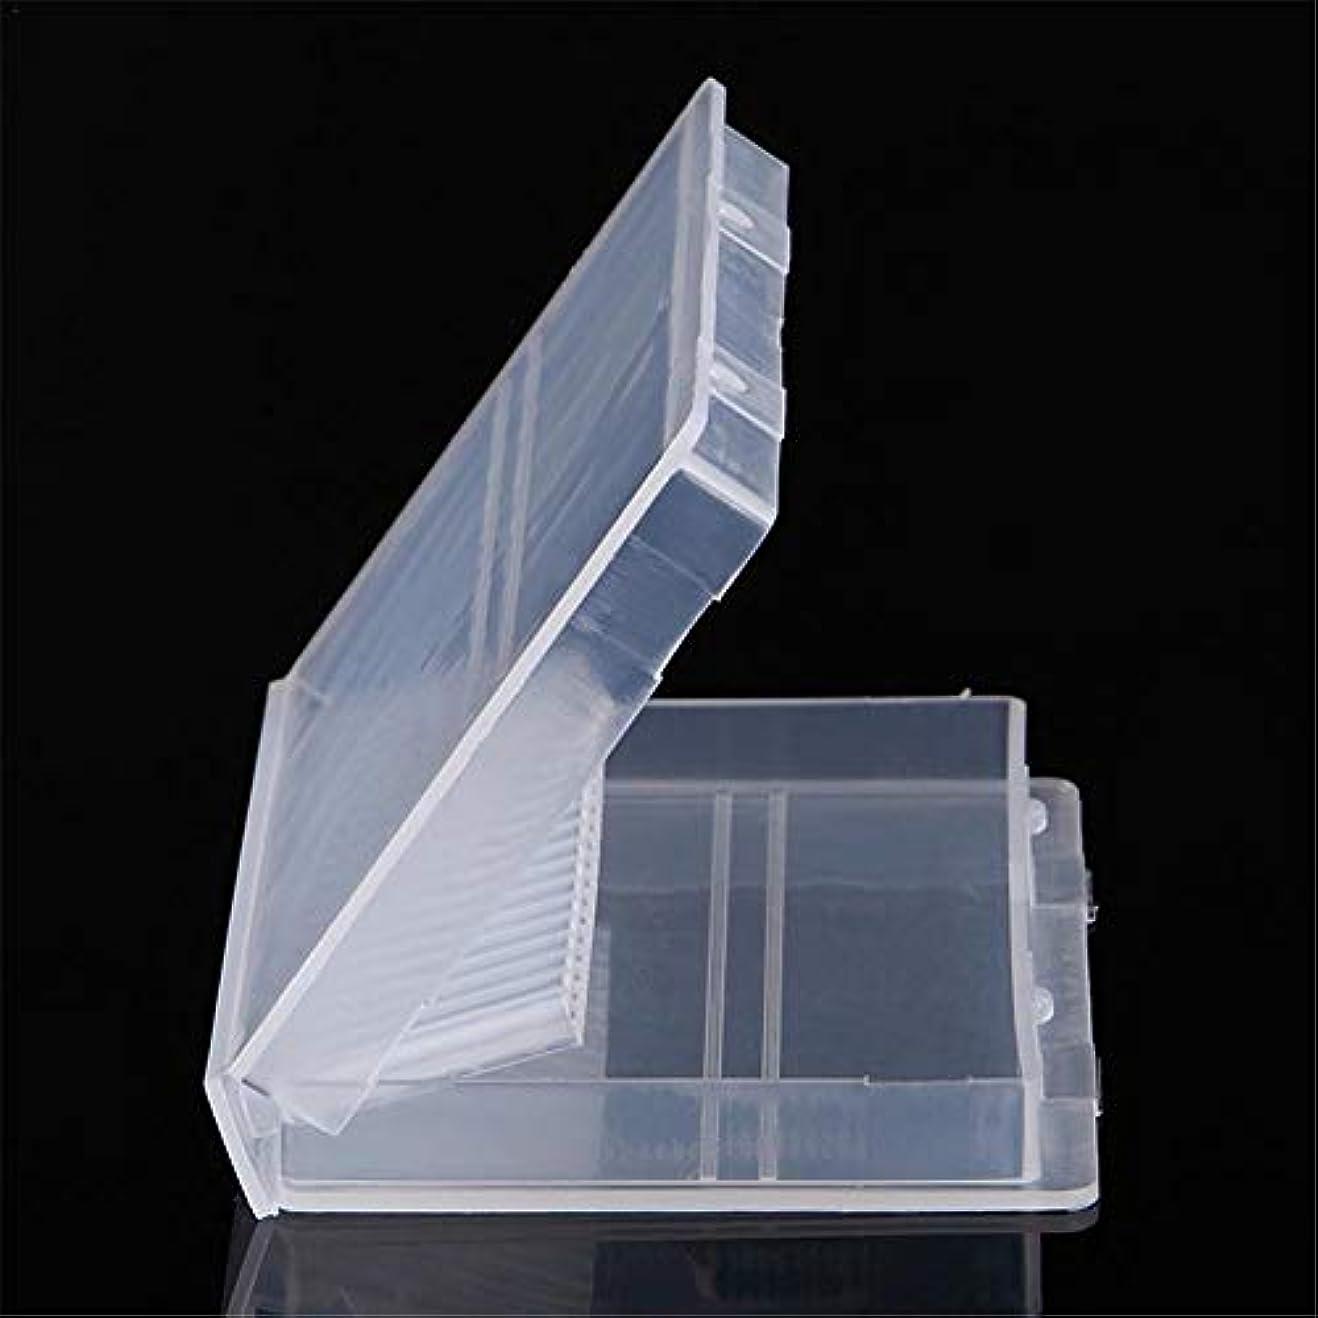 楽なシート警察署Ruier-tong ネイルドリル 収納ケース ネイルビッドセット 研削ネイル用 透明 プラスチック 20穴 ネイル研削ヘッド収納ボックス